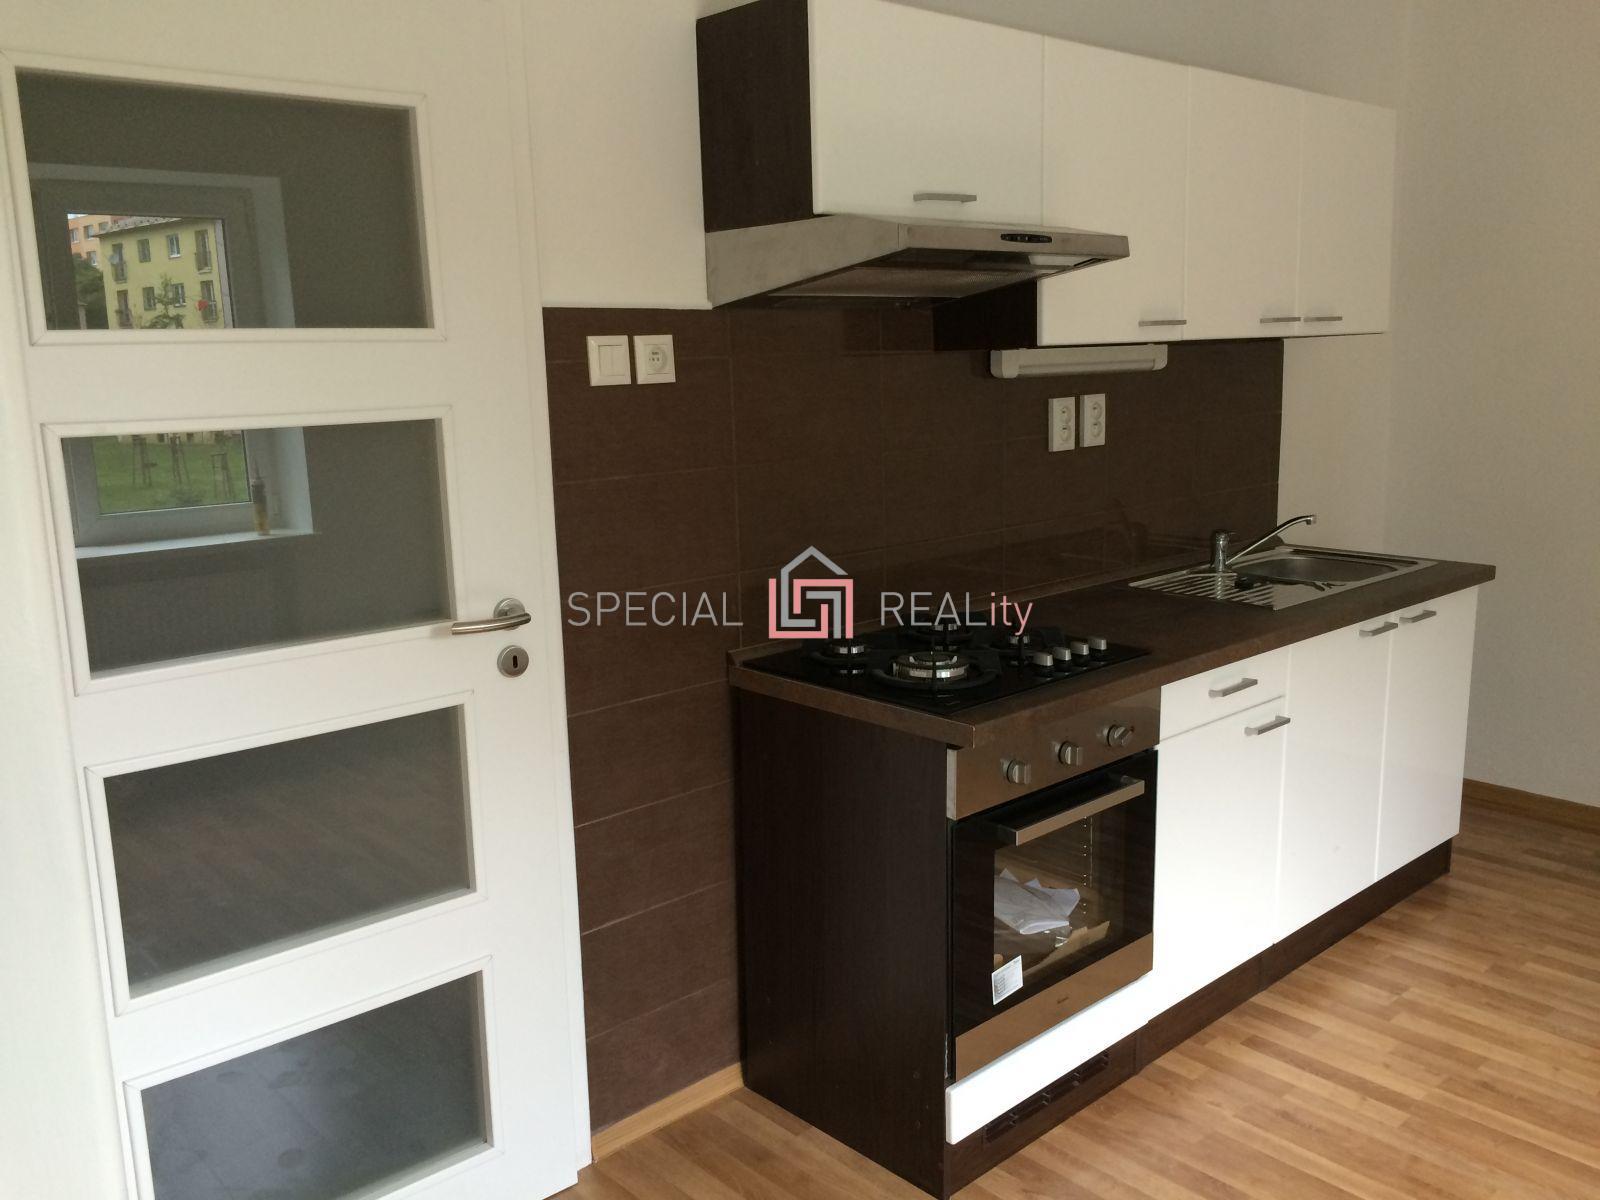 Pronájem bytu 2+1, ul. Čujkovova, Ostrava - Zábřeh